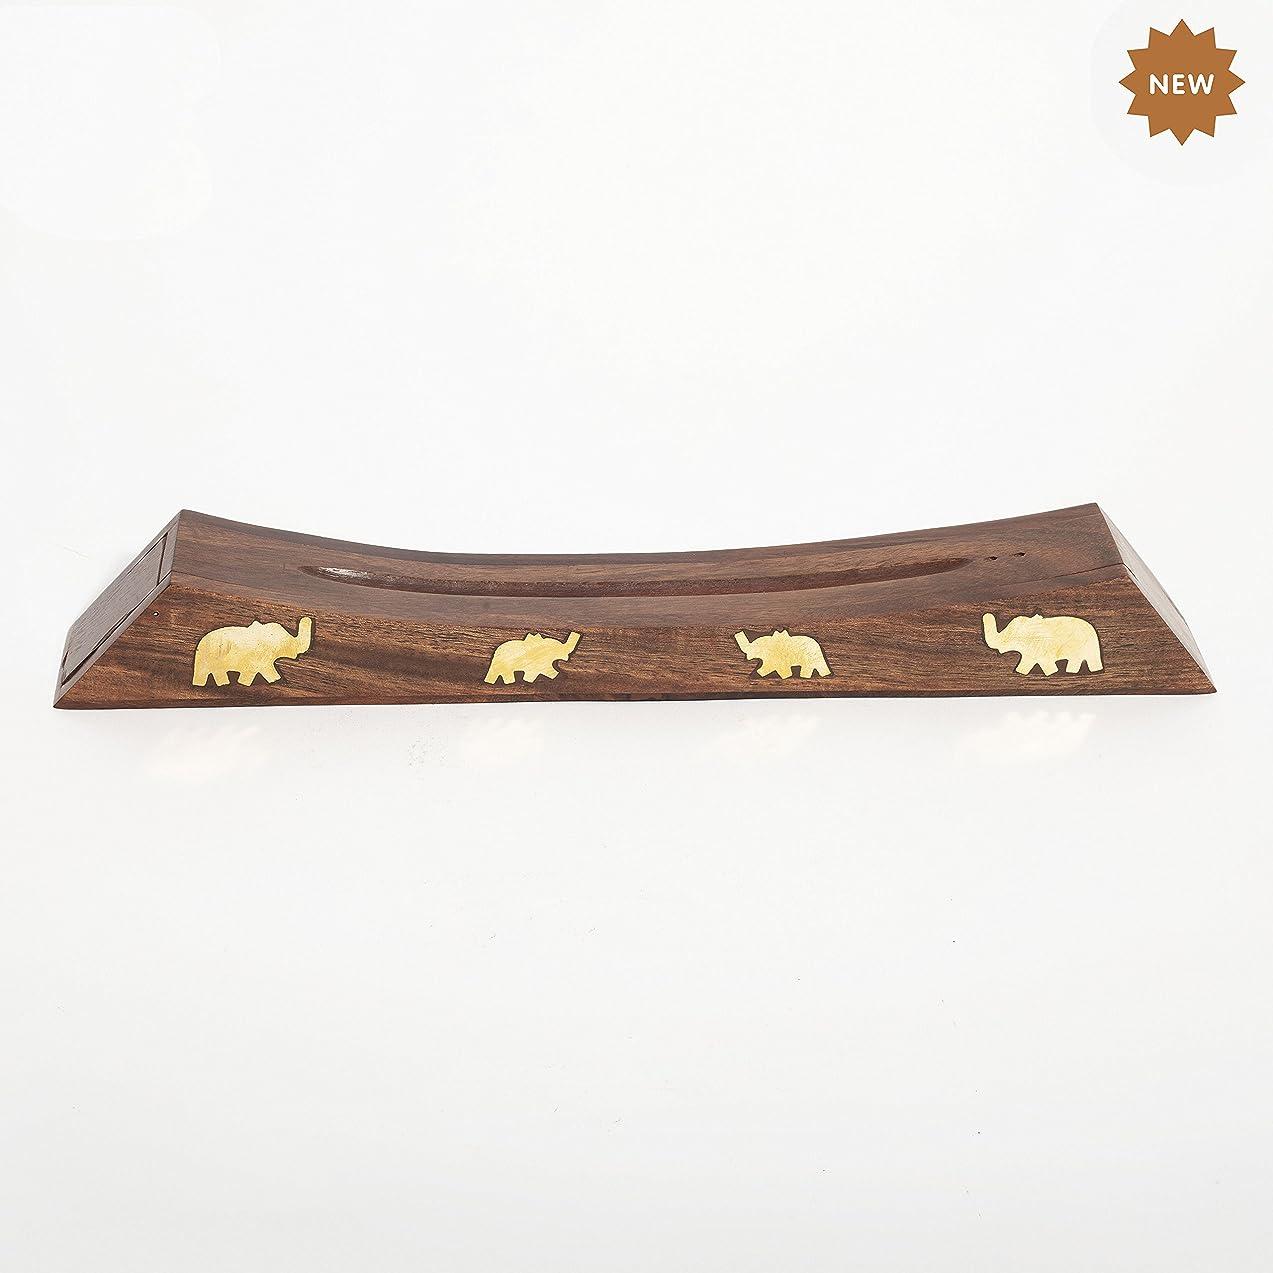 酸度統合する寝るRusticity 木製お香スタンド お香スティック 収納スロット付き 象の真鍮インレー ハンドメイド 12.4x1.6インチ